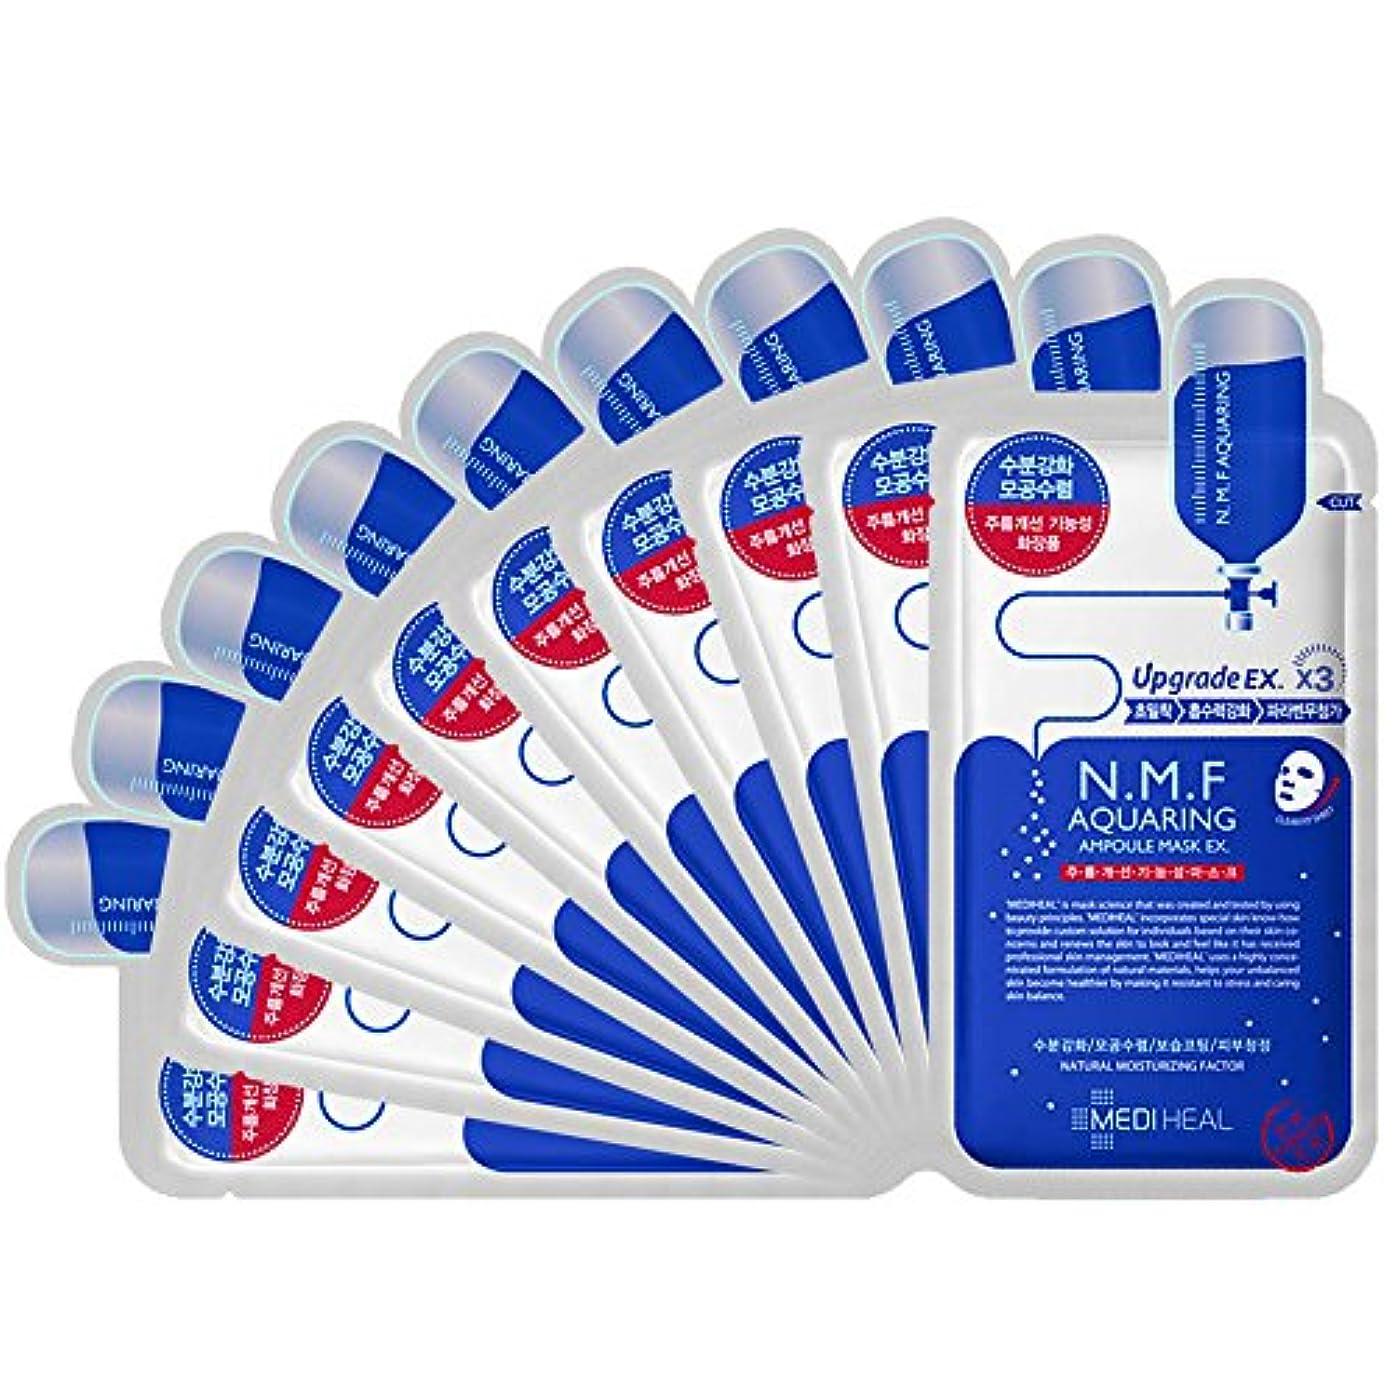 誤解を招くコート頼むMEDIHEAL N.M.F Aquaring Ampoule Mask Pack of 10 (並行輸入品)